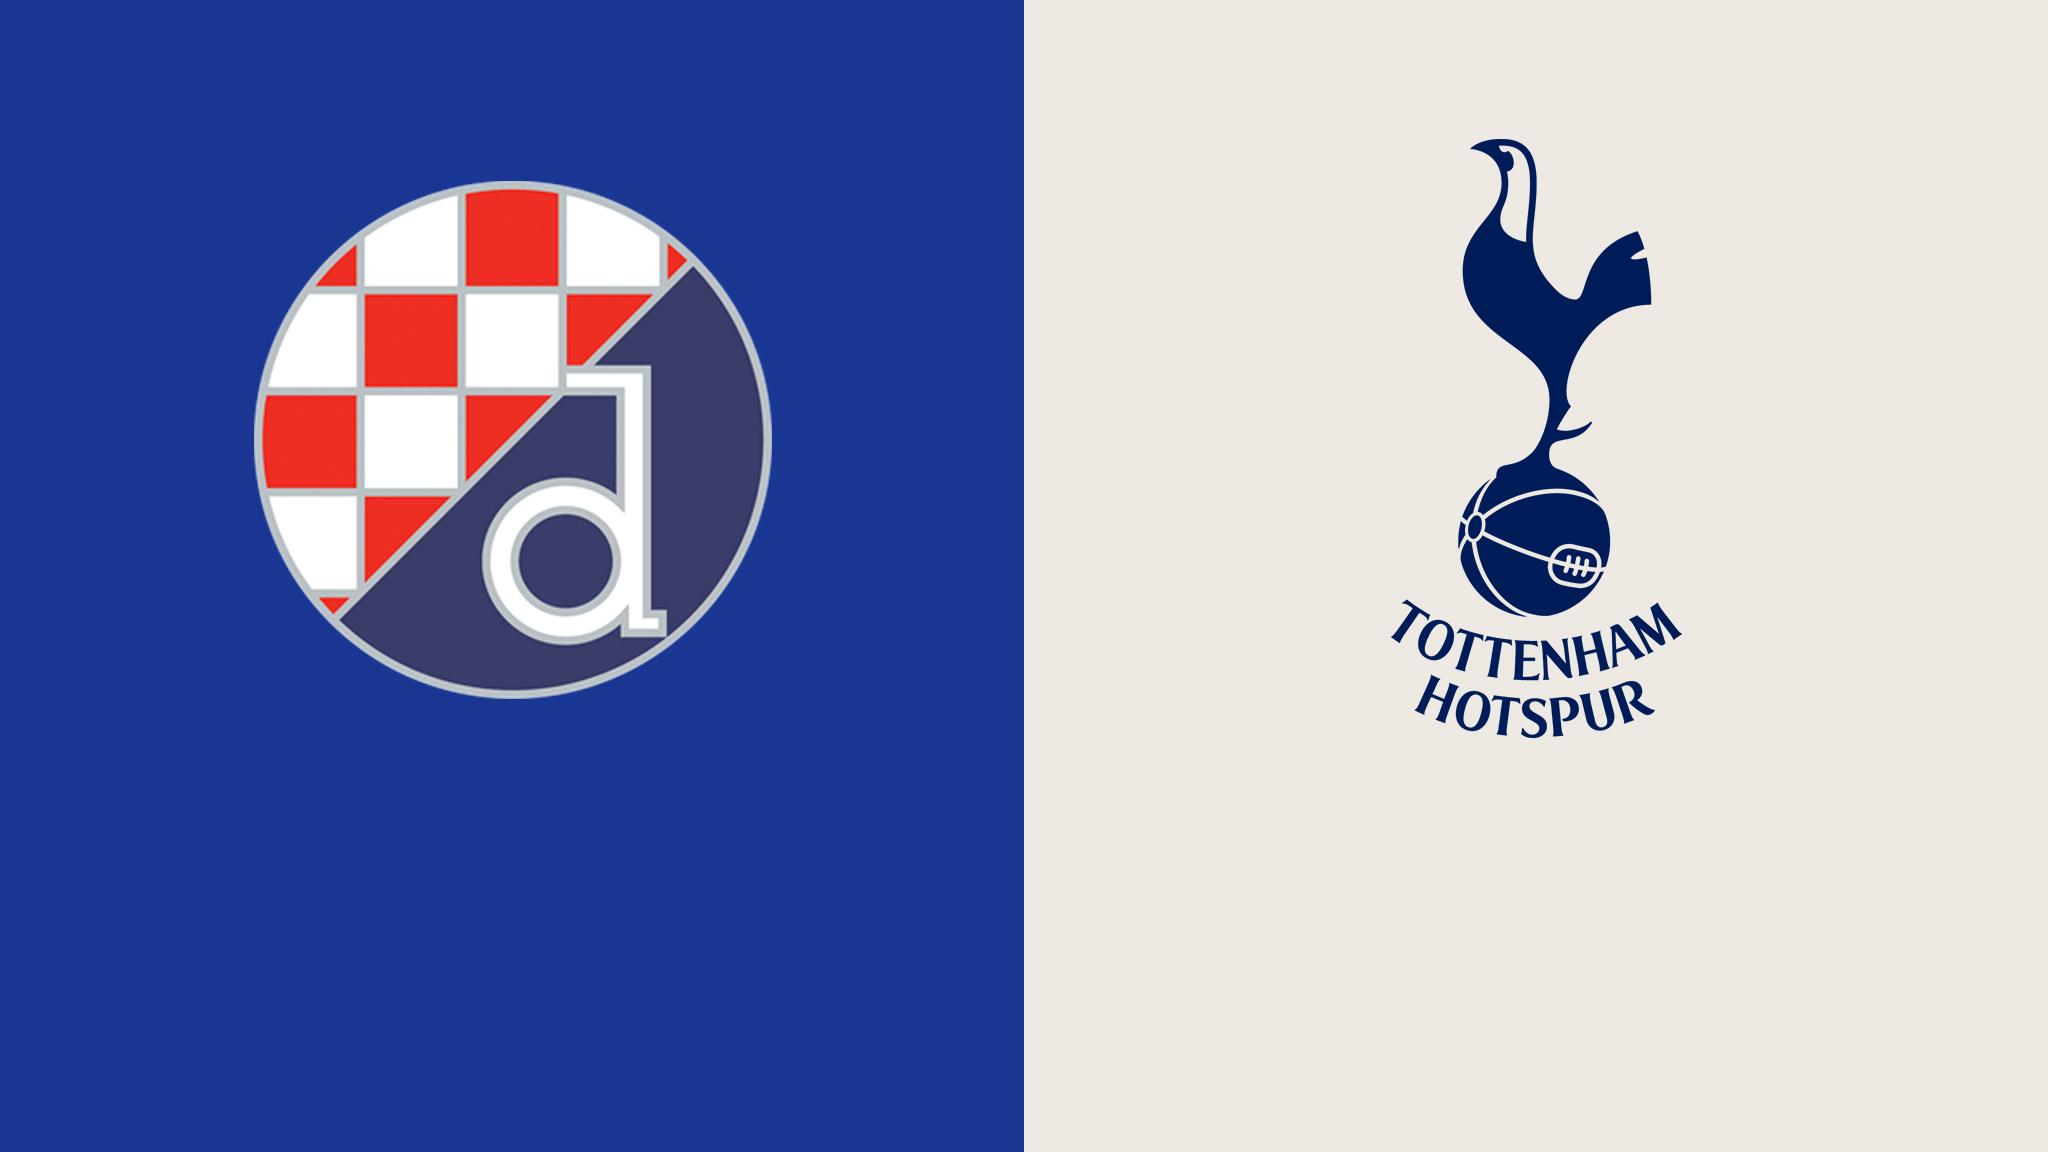 دليلك الشامل لمباراة توتنهام ودينامو زغرب اليوم في دور الـ 16 من الدوري الاوروبي